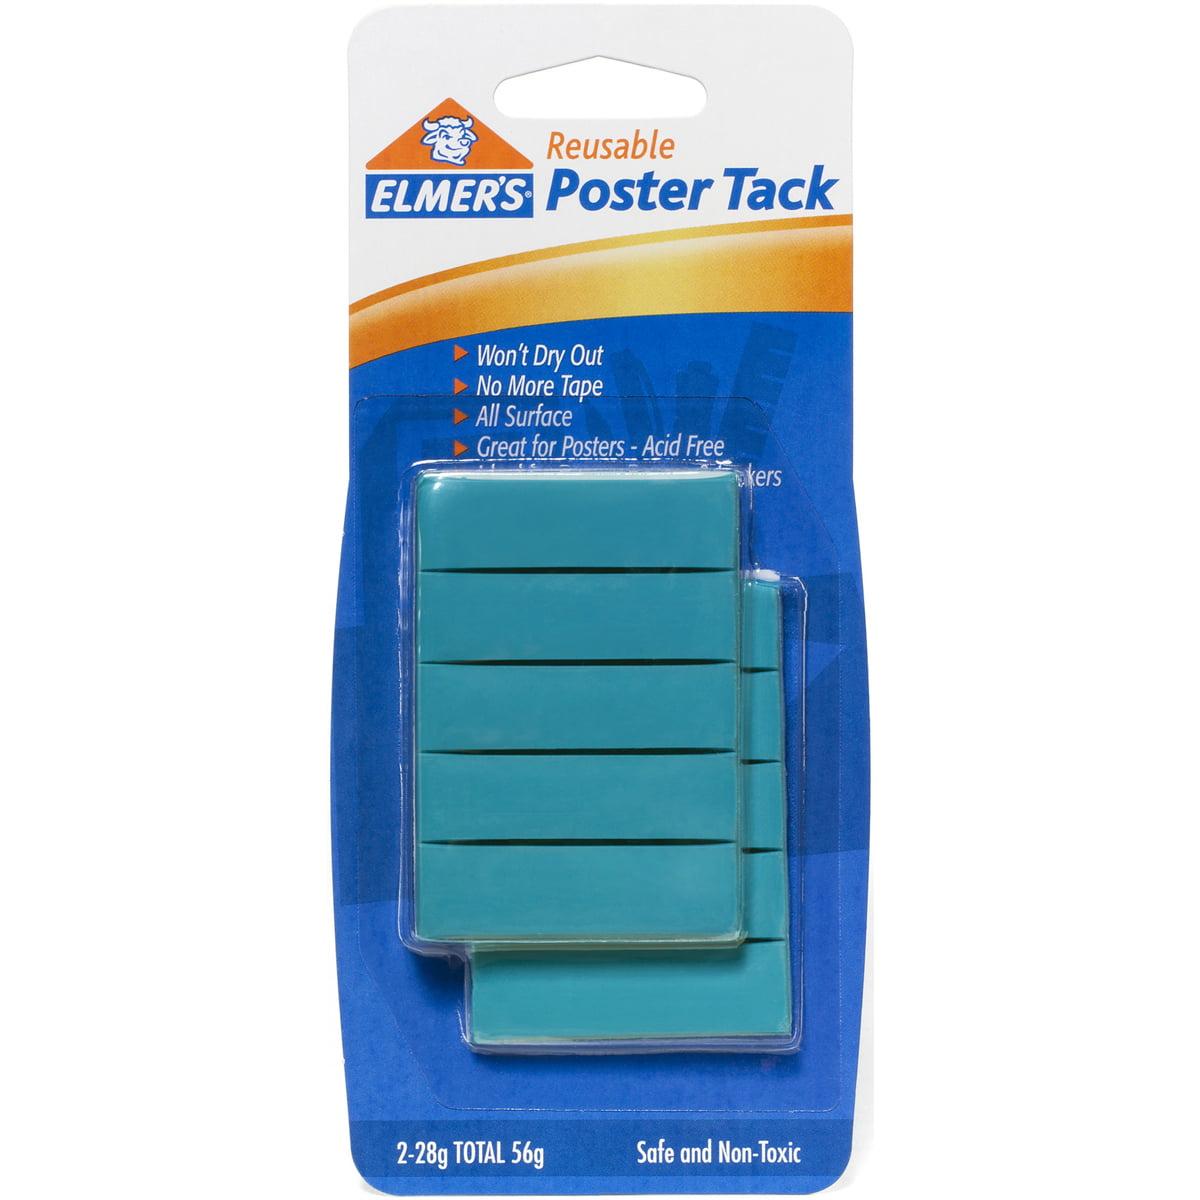 Elmers Reusable All Surface Poster Tack 2 Ounces E1531 - image 1 de 1